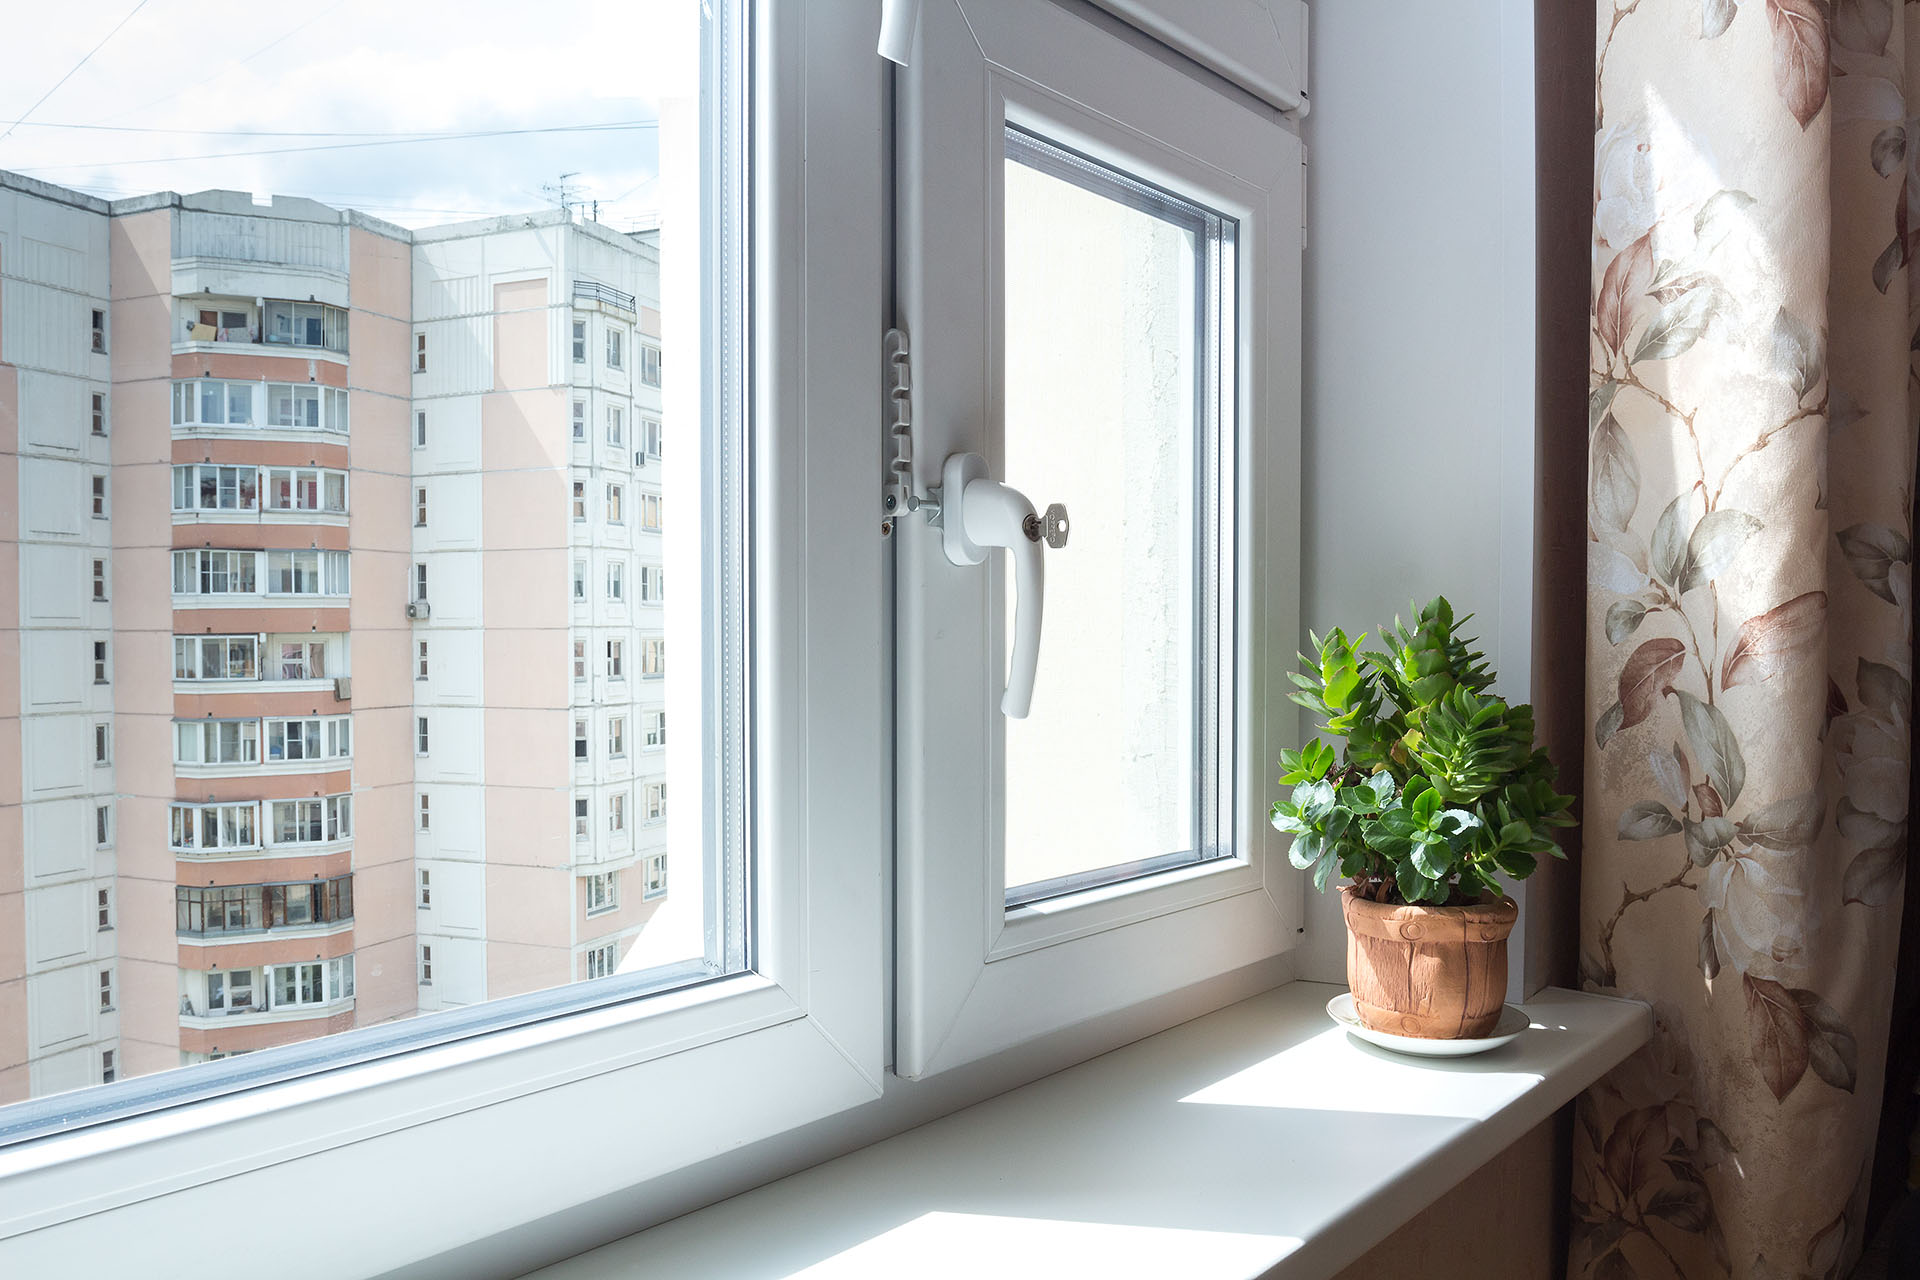 Как выбрать лучший профиль для пластиковых окон. Обзор параметров и брендов - 3